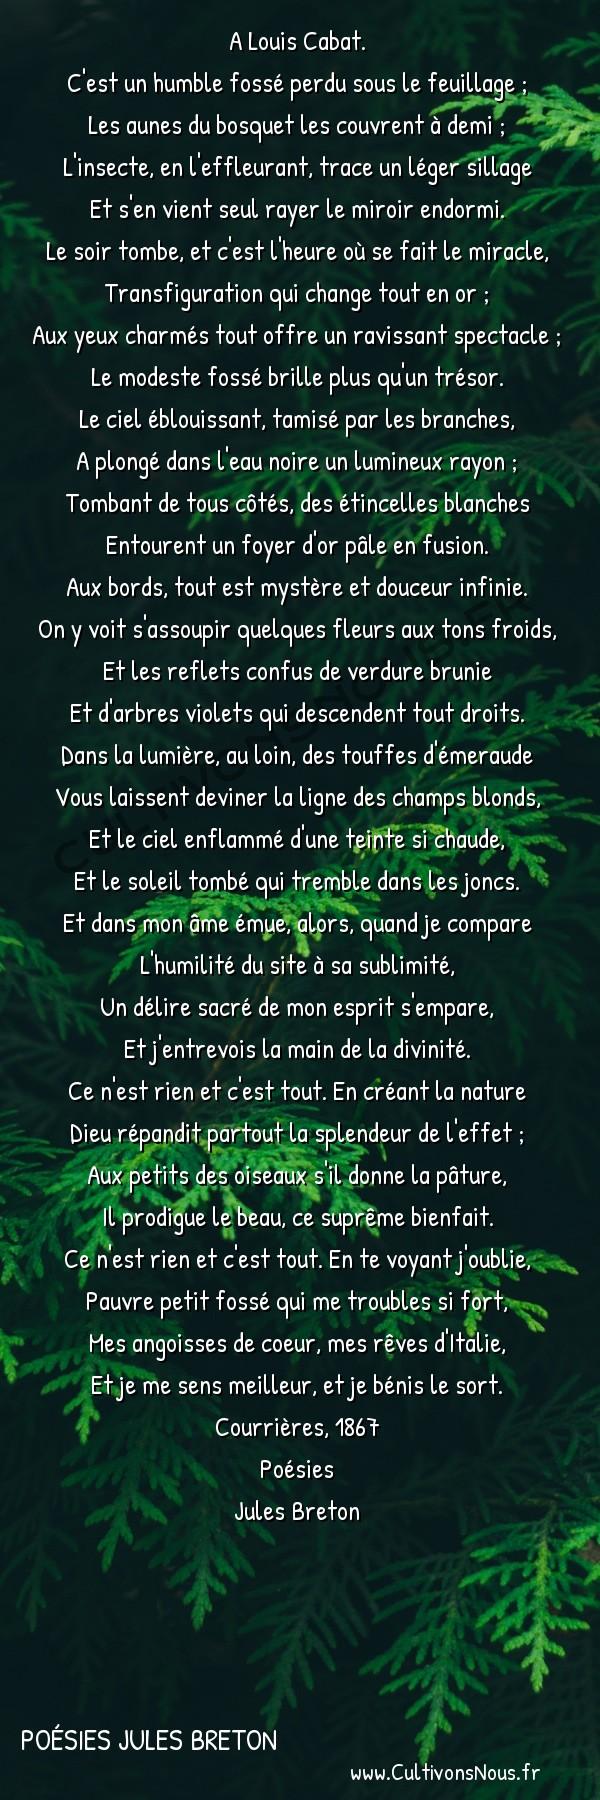 Poésies Jules Breton - Le soir -  A Louis Cabat. C'est un humble fossé perdu sous le feuillage ;